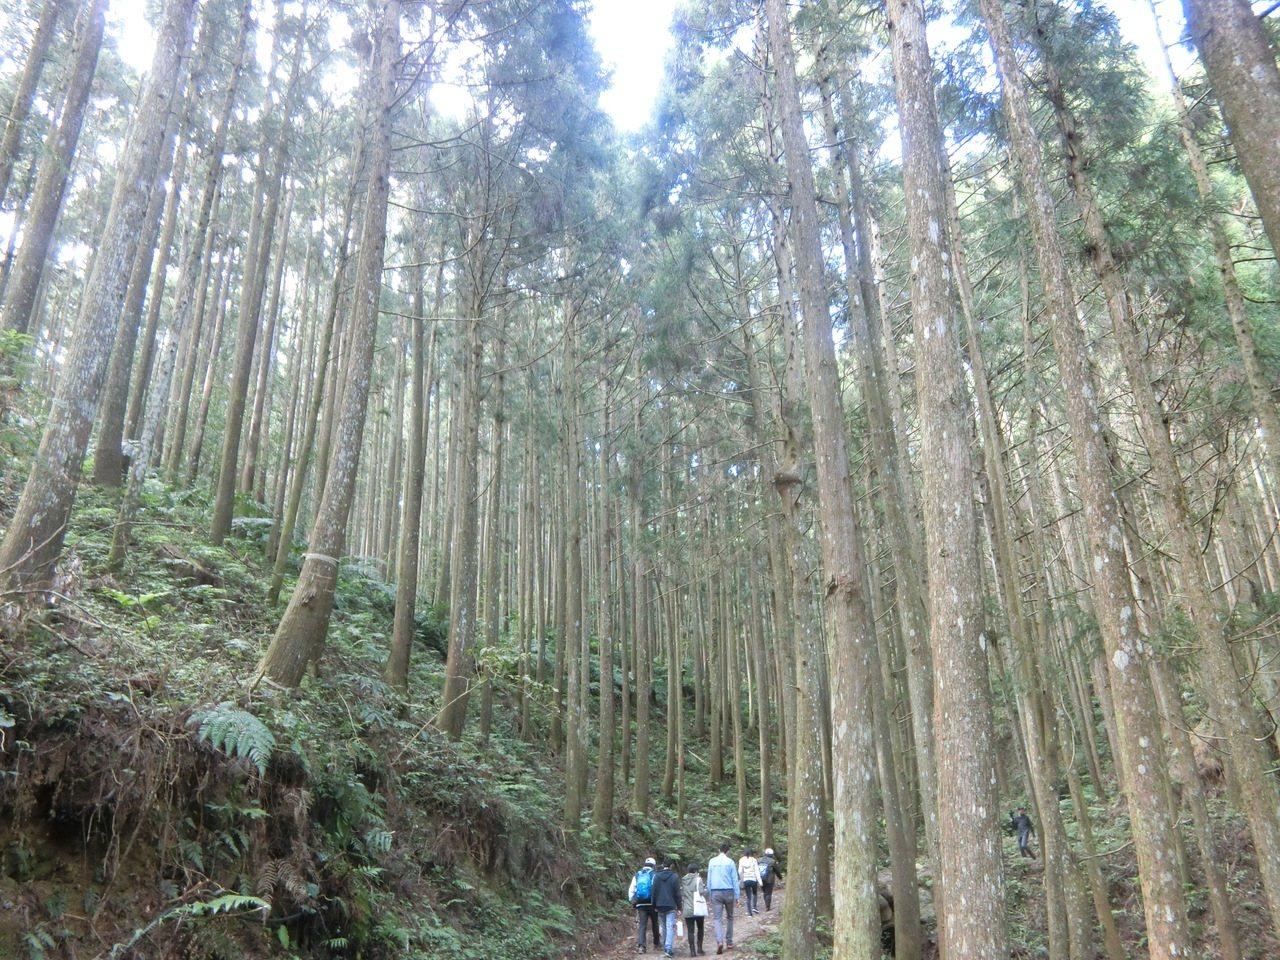 農委會將力推國產人造林生產的木材。 記者董俞佳/攝影